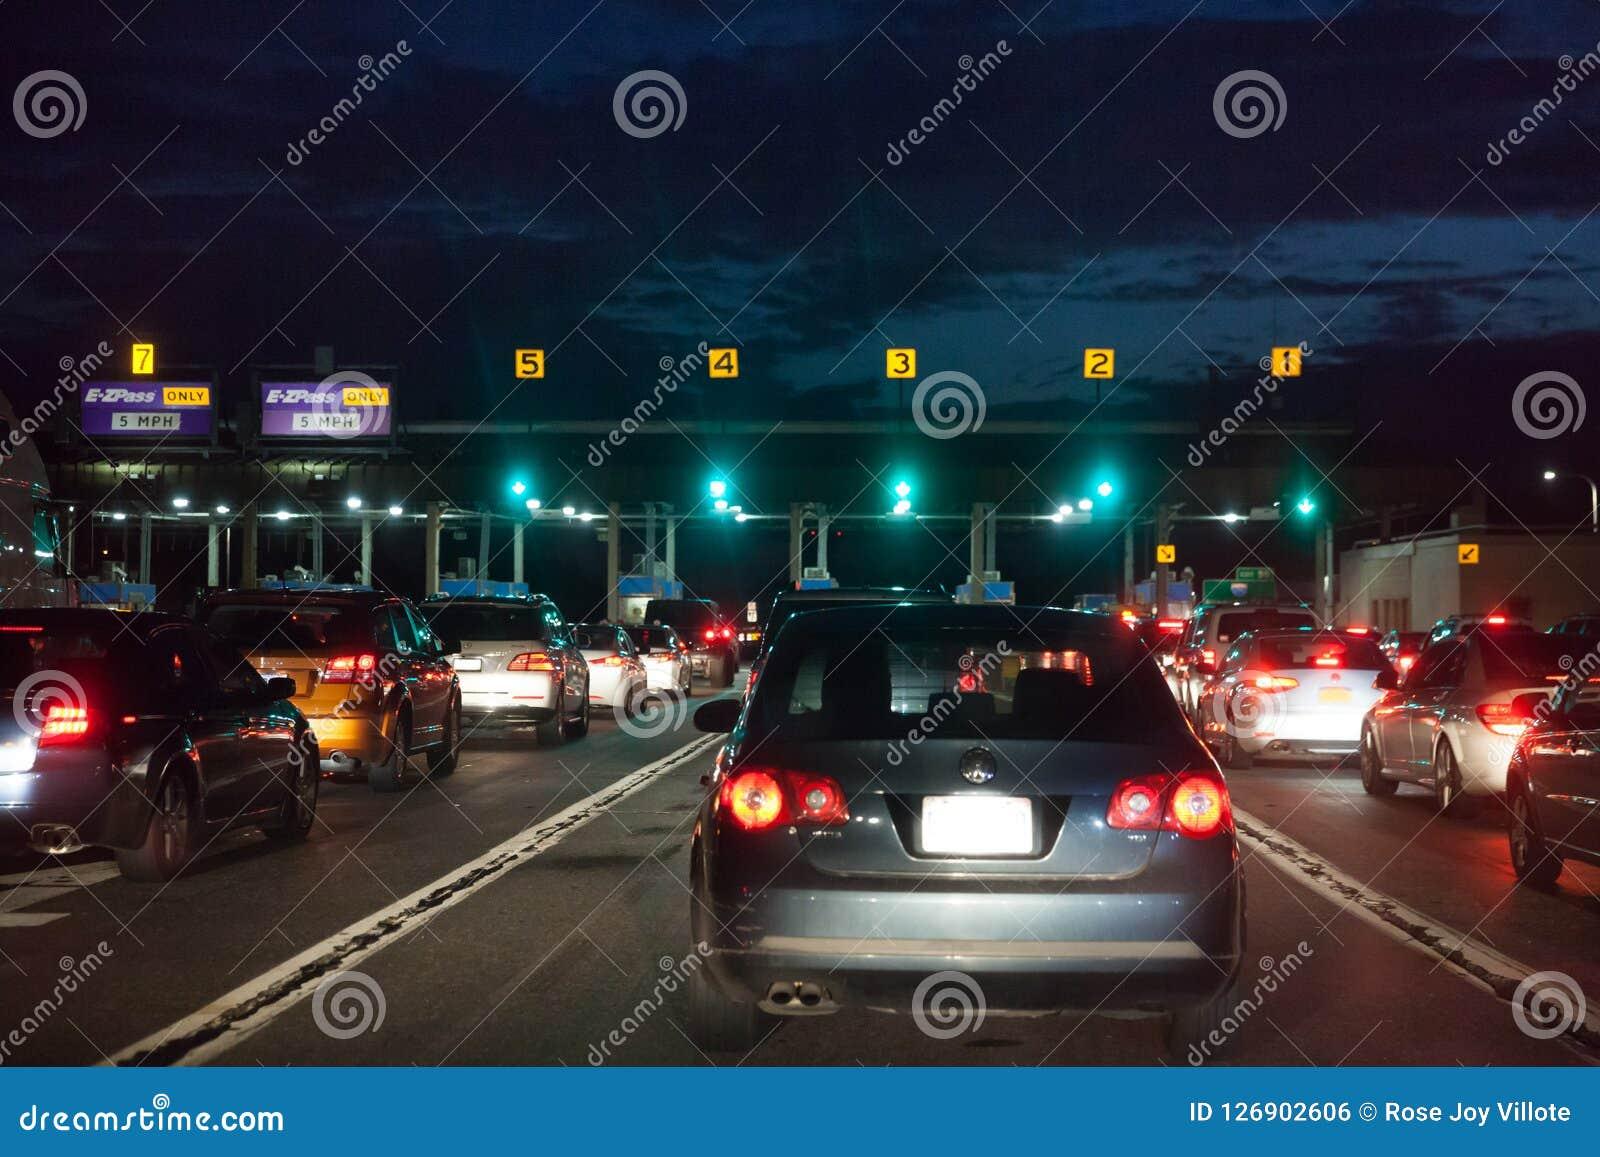 Αυτοκίνητα σε μια διάταξη τη νύχτα στην πύλη φόρου για να πληρώσει για την αμοιβή φόρου